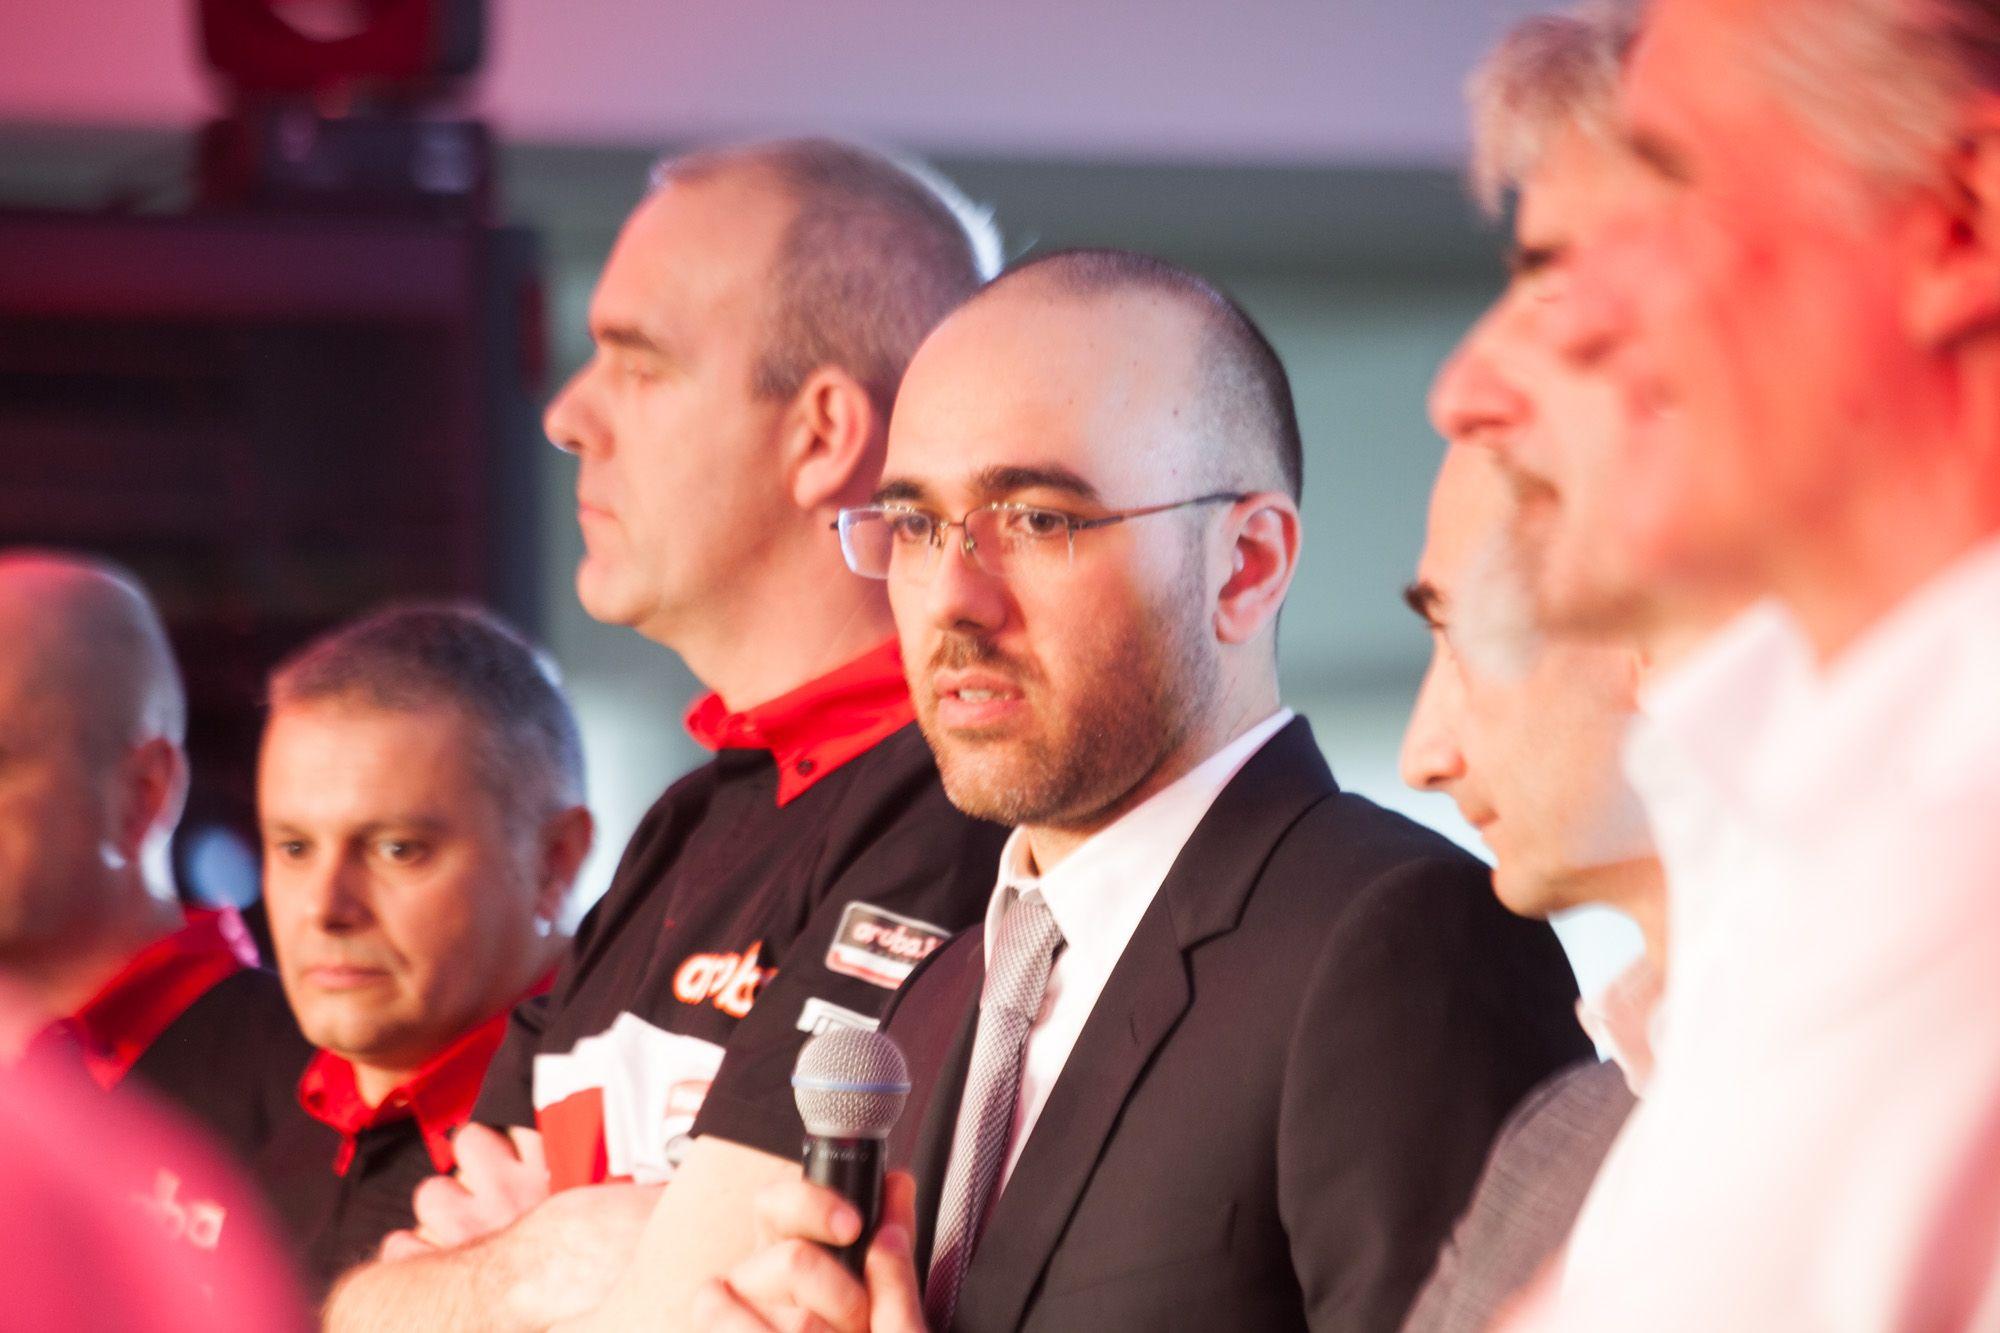 Stefano Cecconi, AD di Aruba e Team Principal. Accanto: Marinelli, Domenicali, Dall'Igna e Ciabatti.